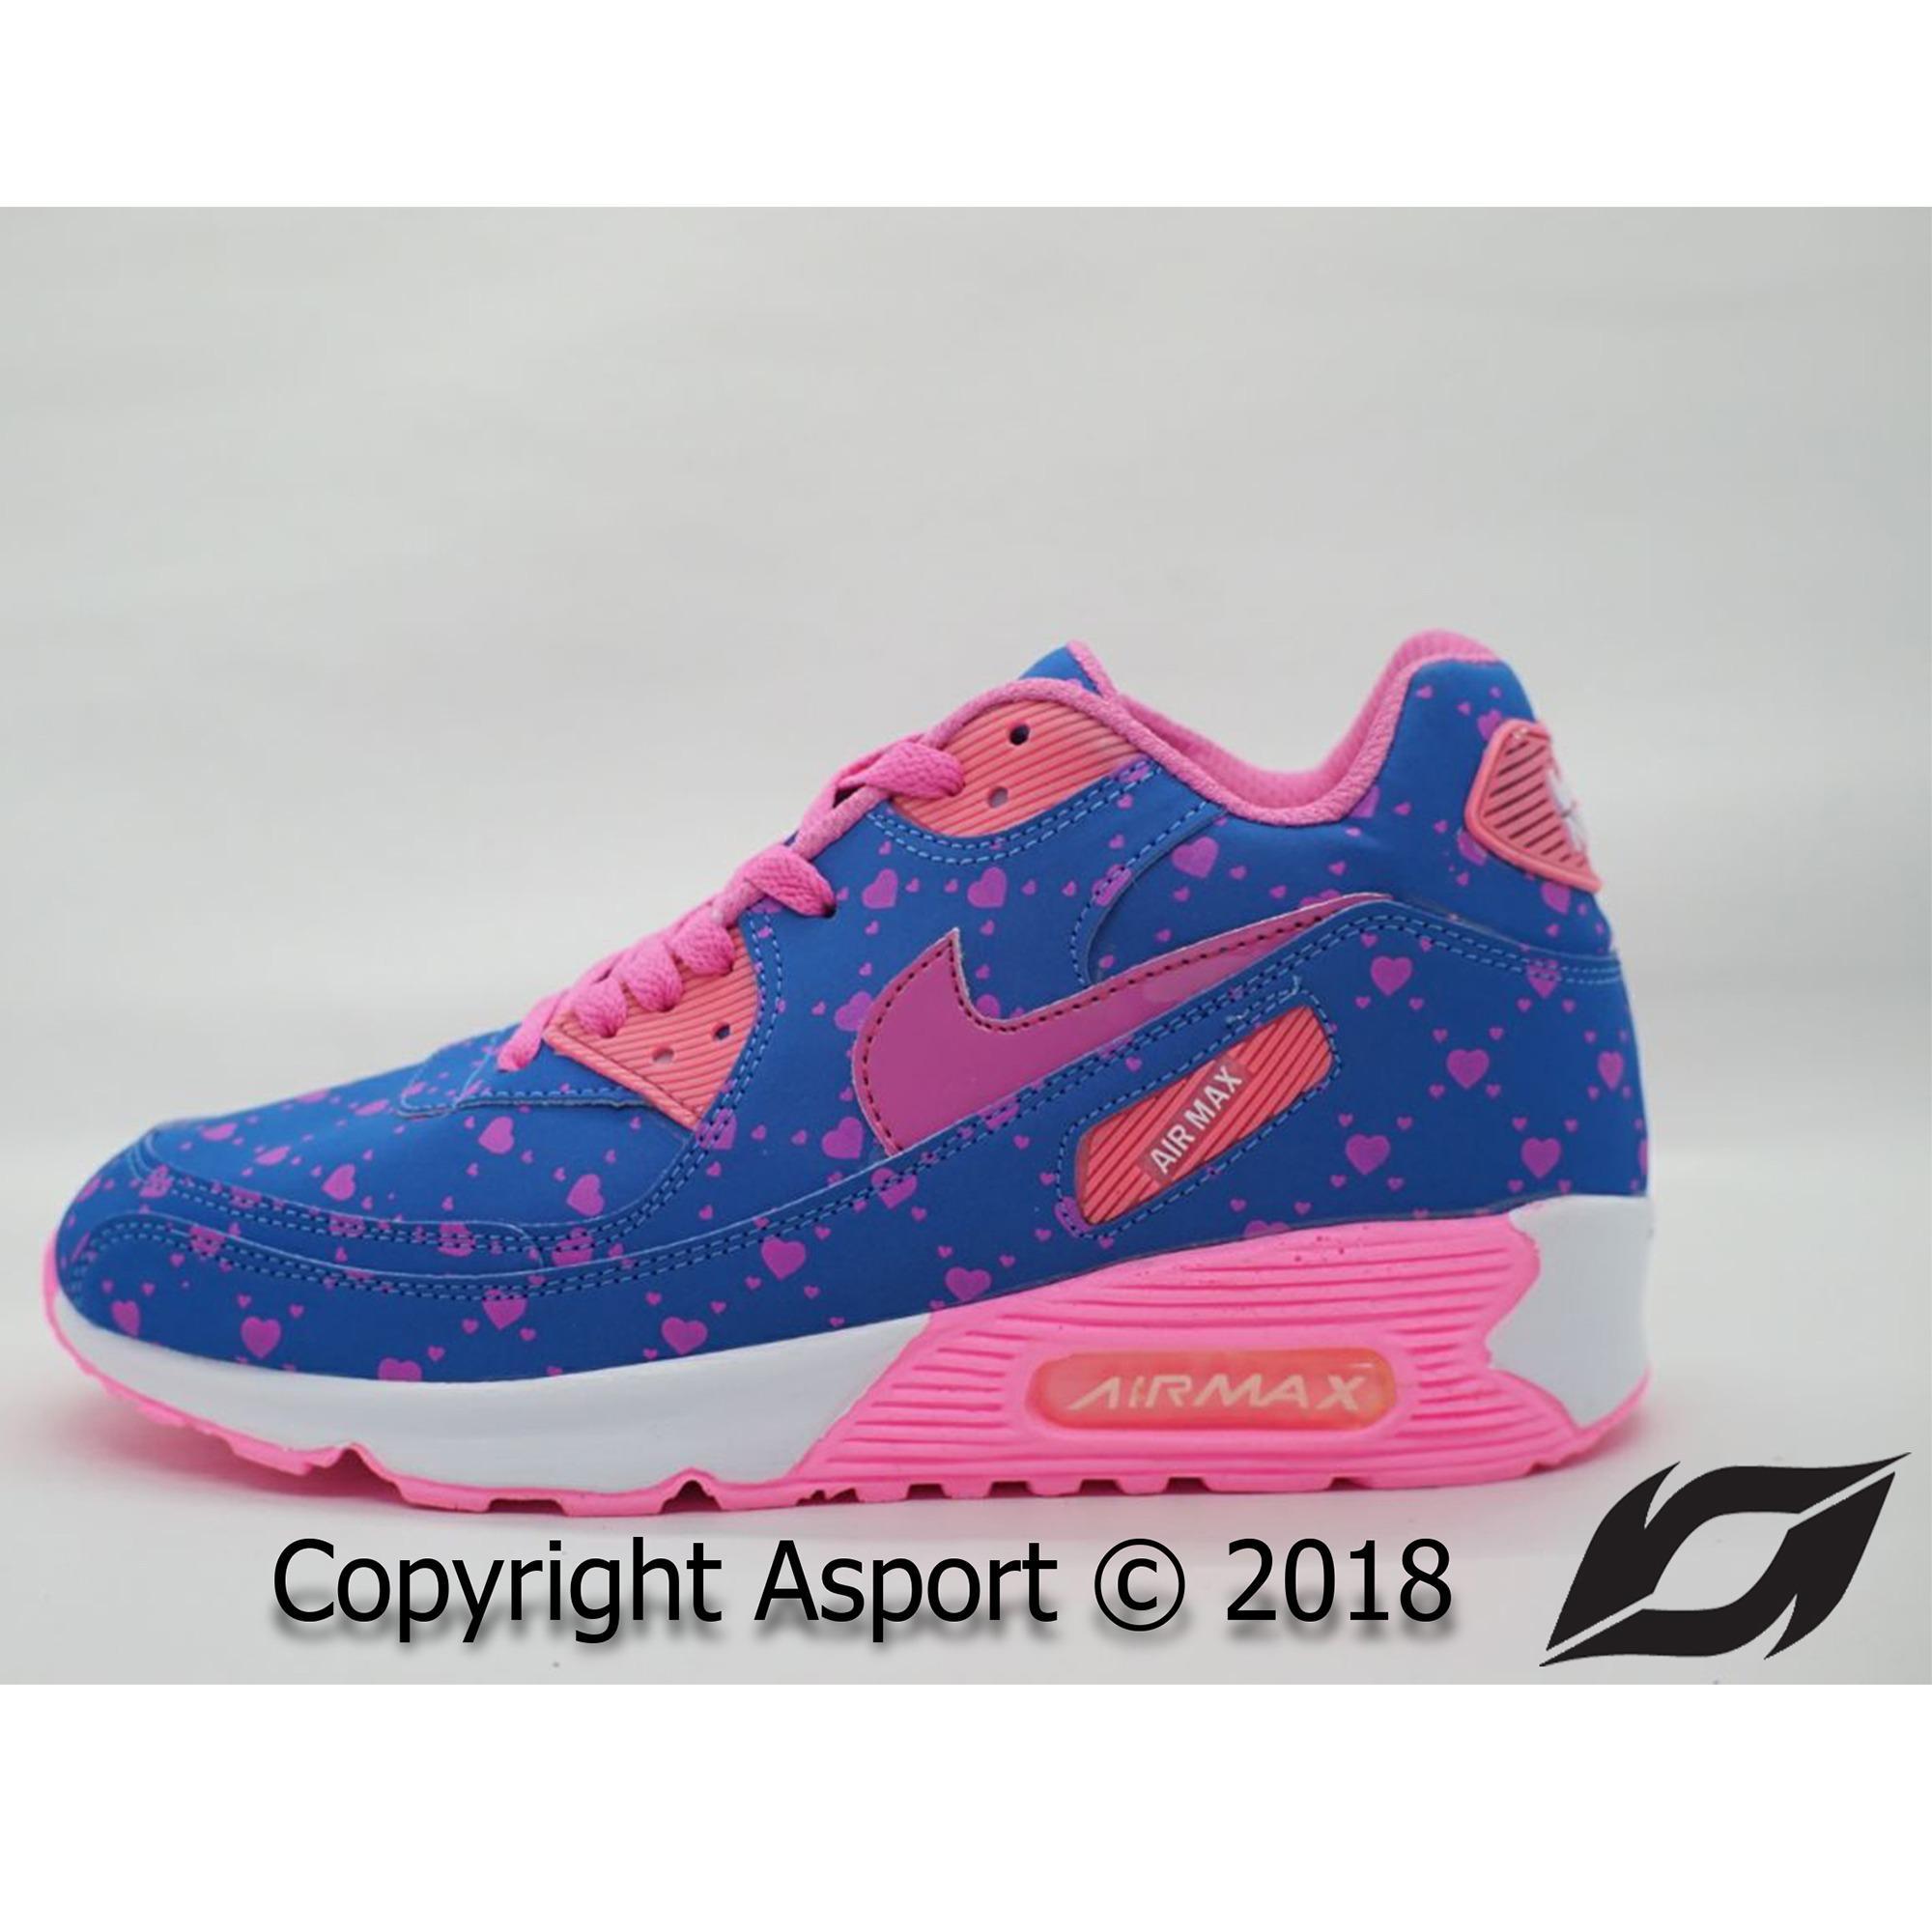 Sepatu Murah Nike Airmax 90 Kualitas Premium Warna Biru Pink Love